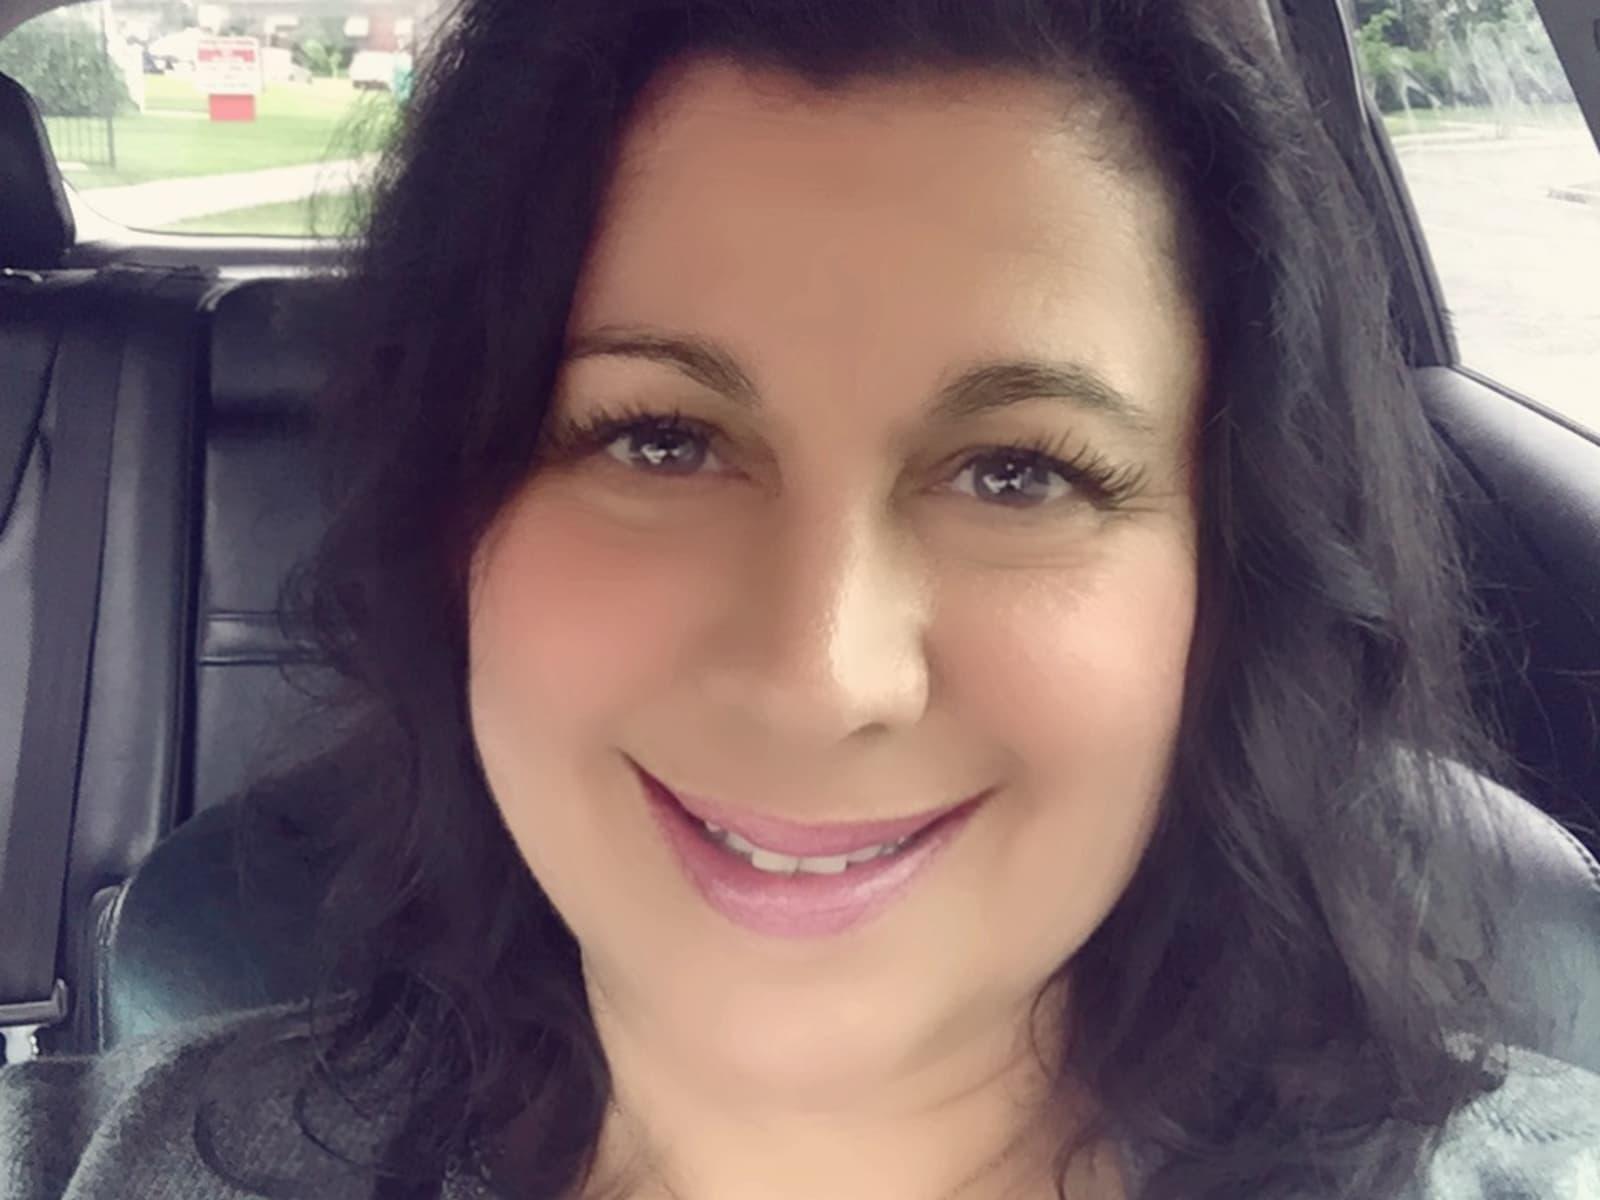 Elizabeth from Toronto, Ontario, Canada